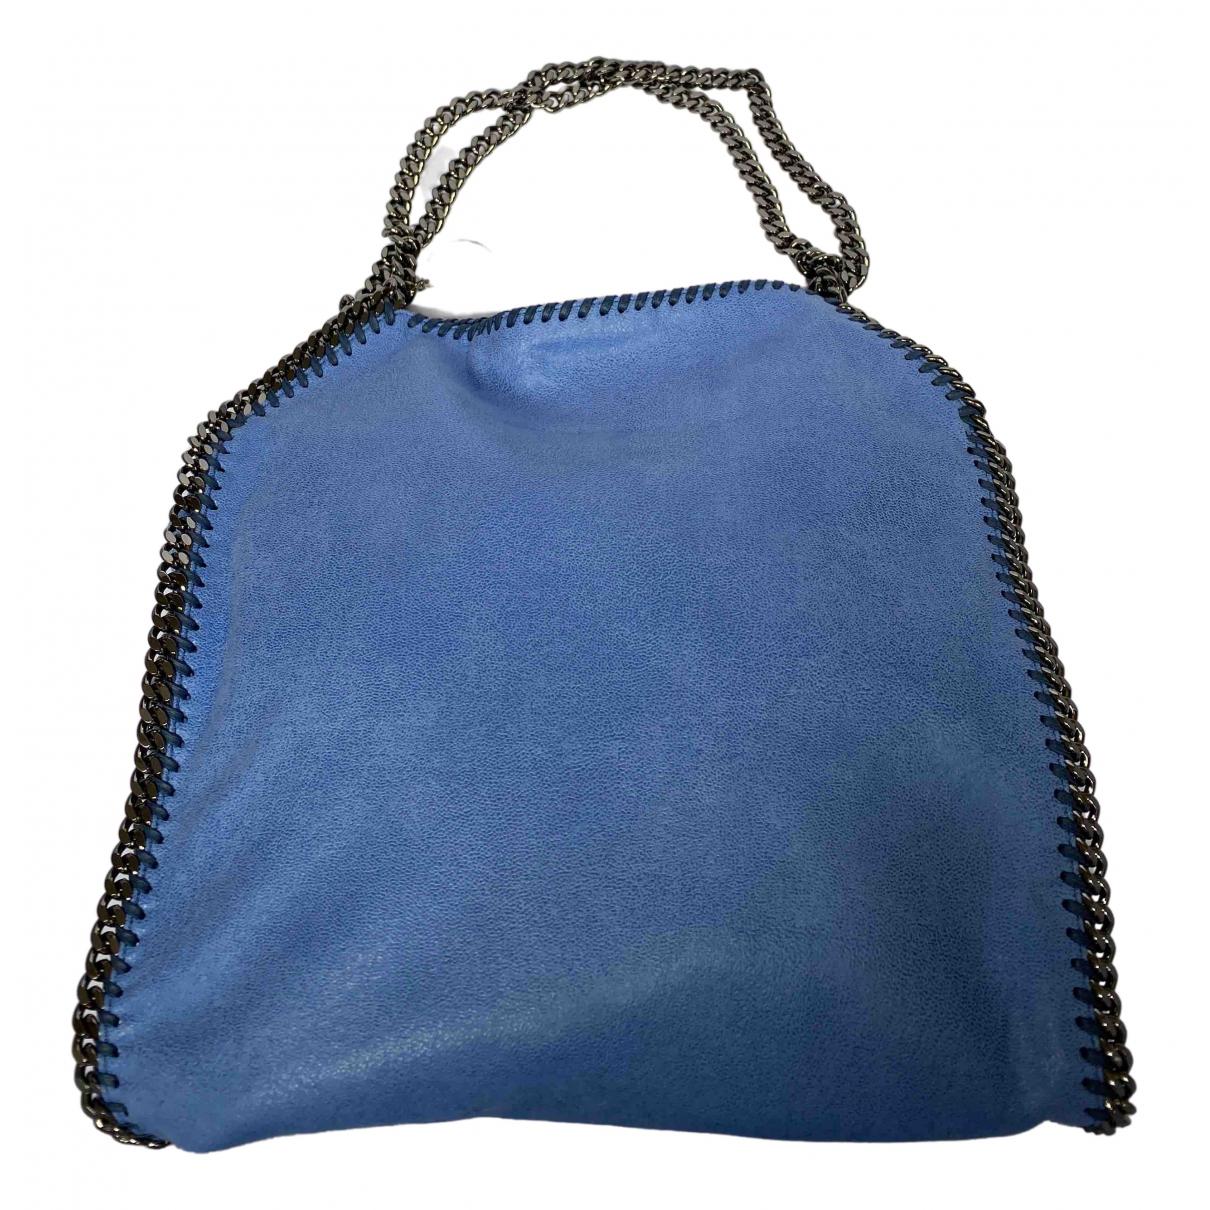 Stella Mccartney - Sac a main Falabella pour femme en toile - bleu